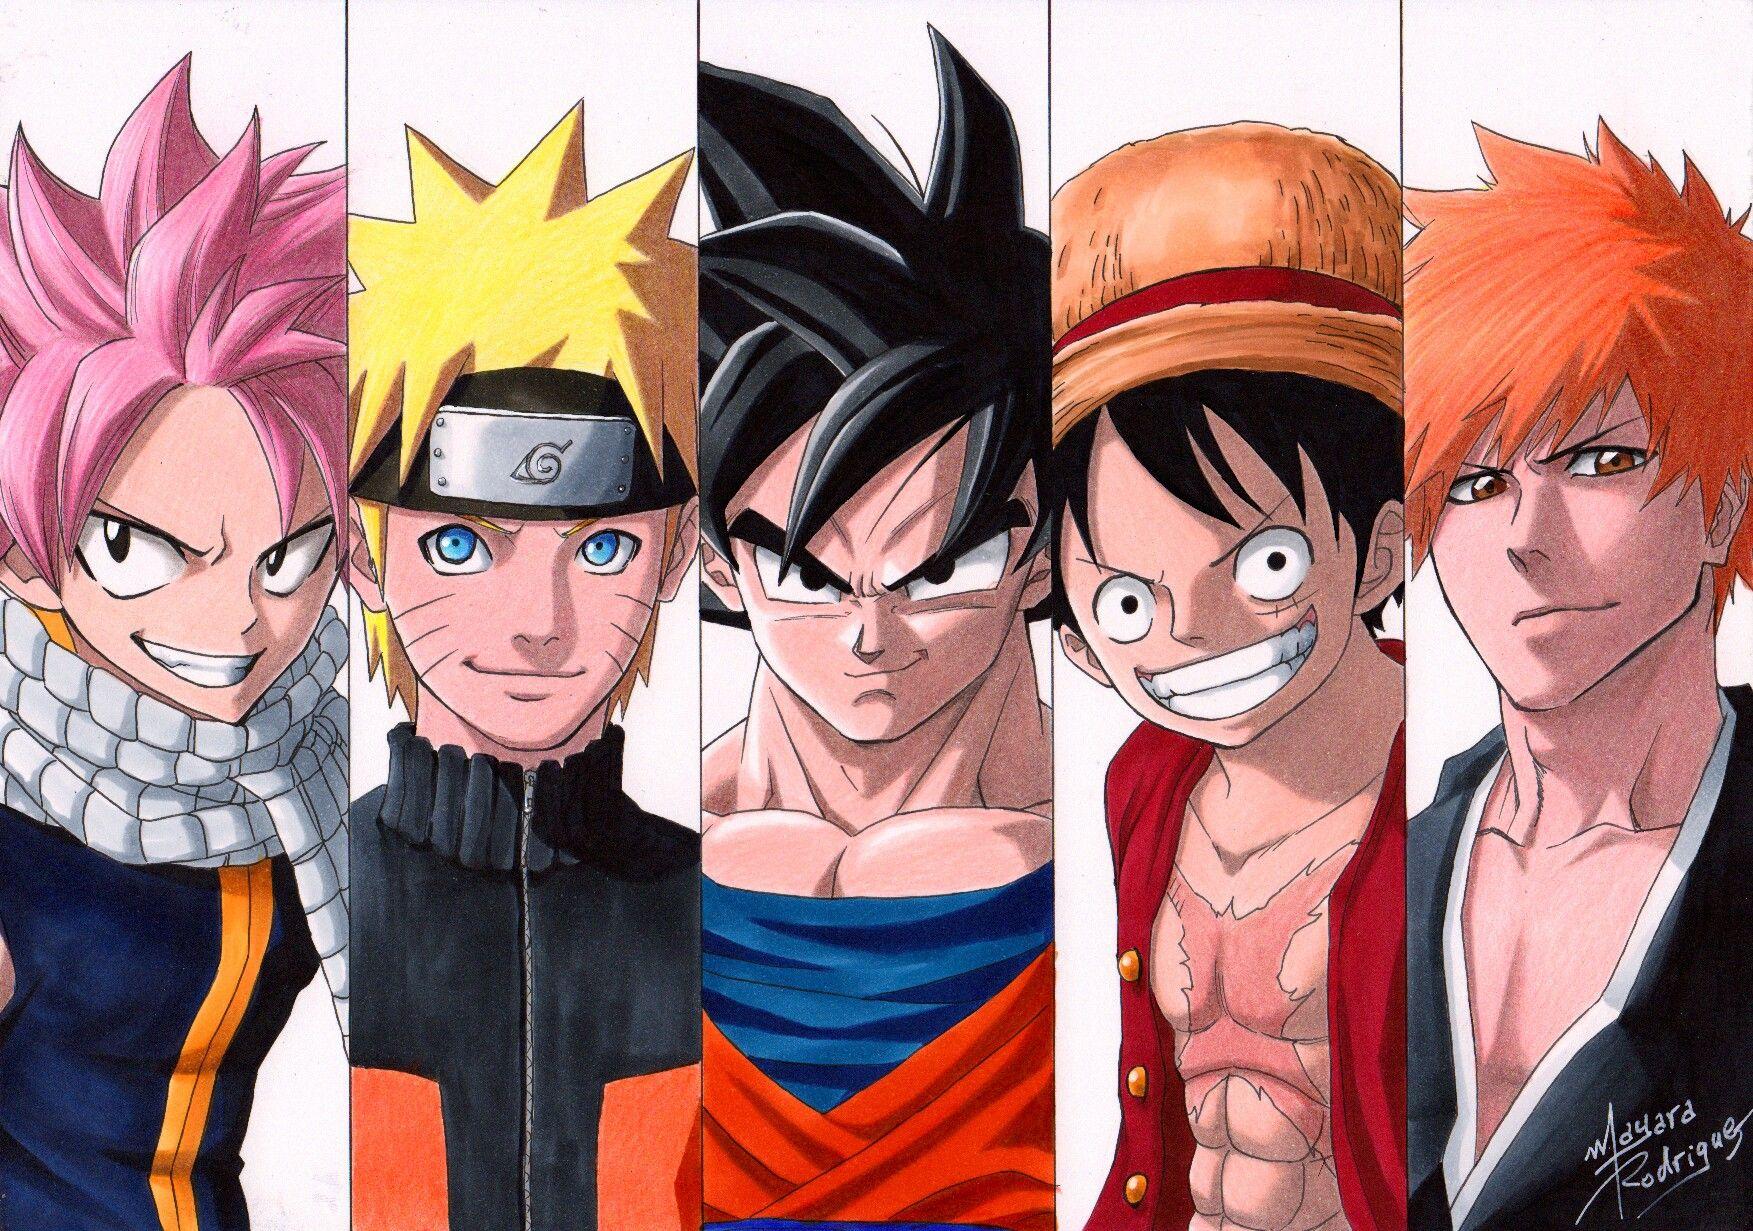 Pin By Savage Saiyan On Animes Anime Characters Anime Anime Crossover